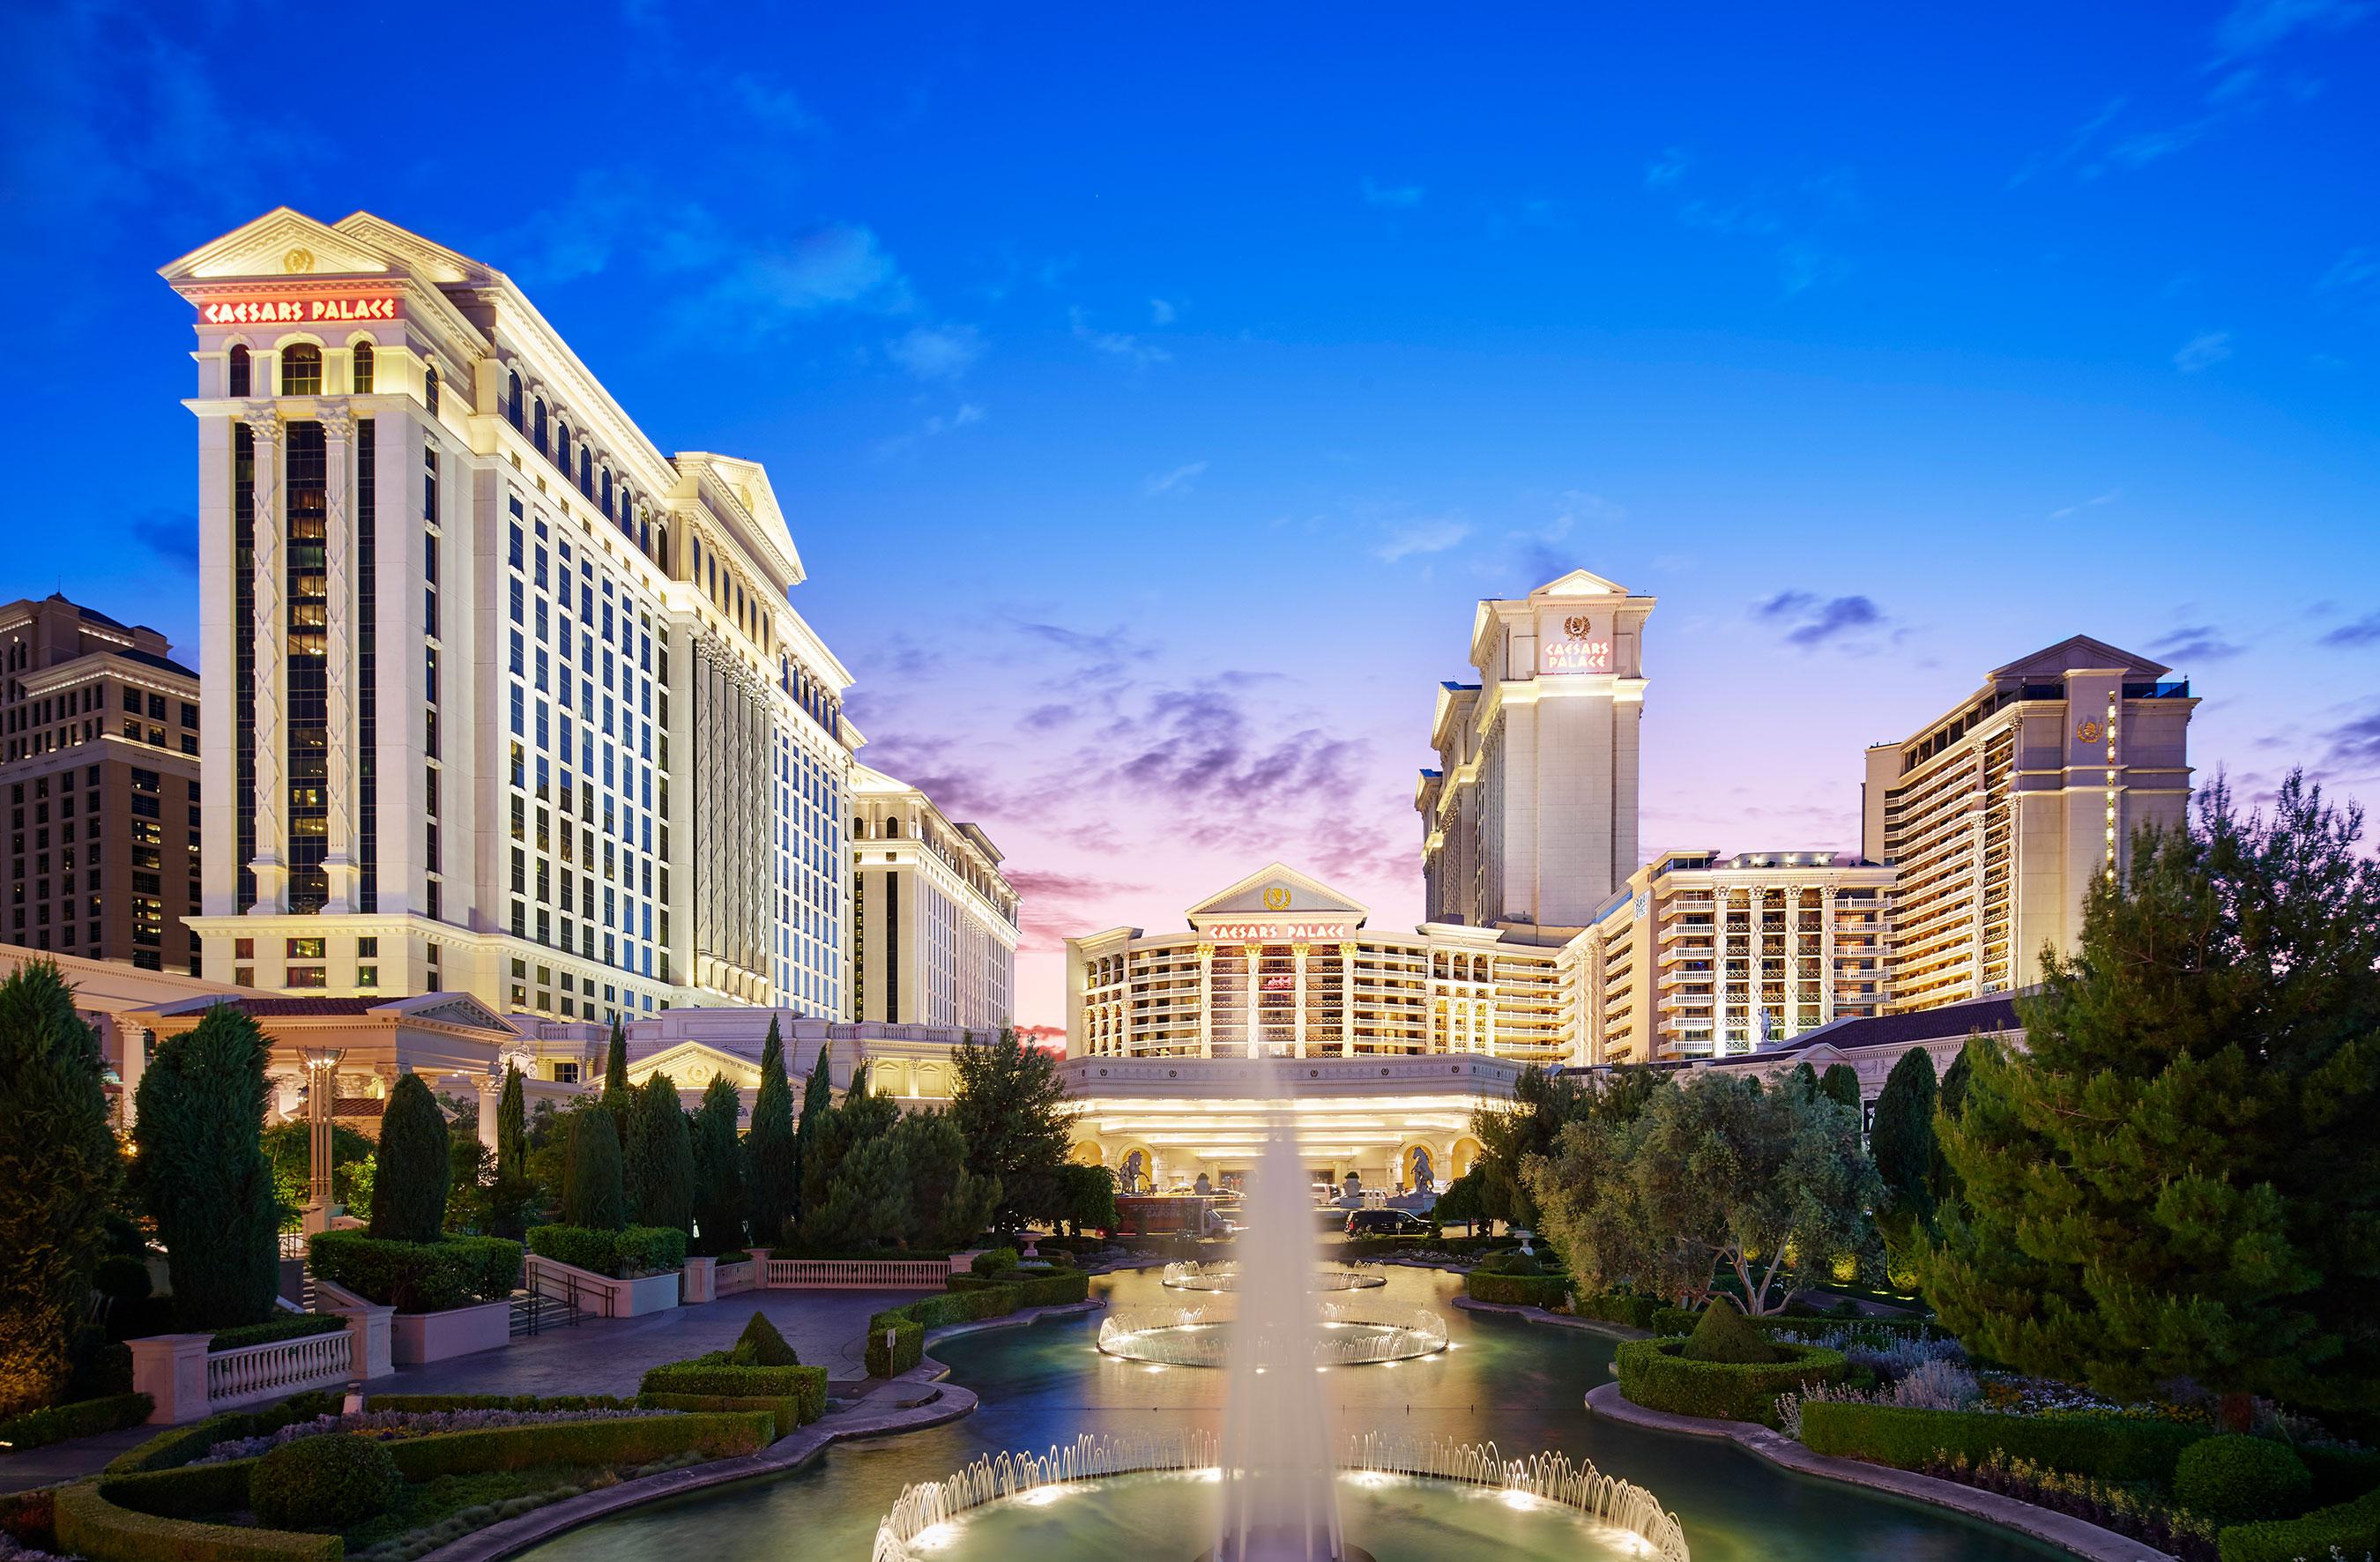 Caesars Palace Las Vegas Exterior